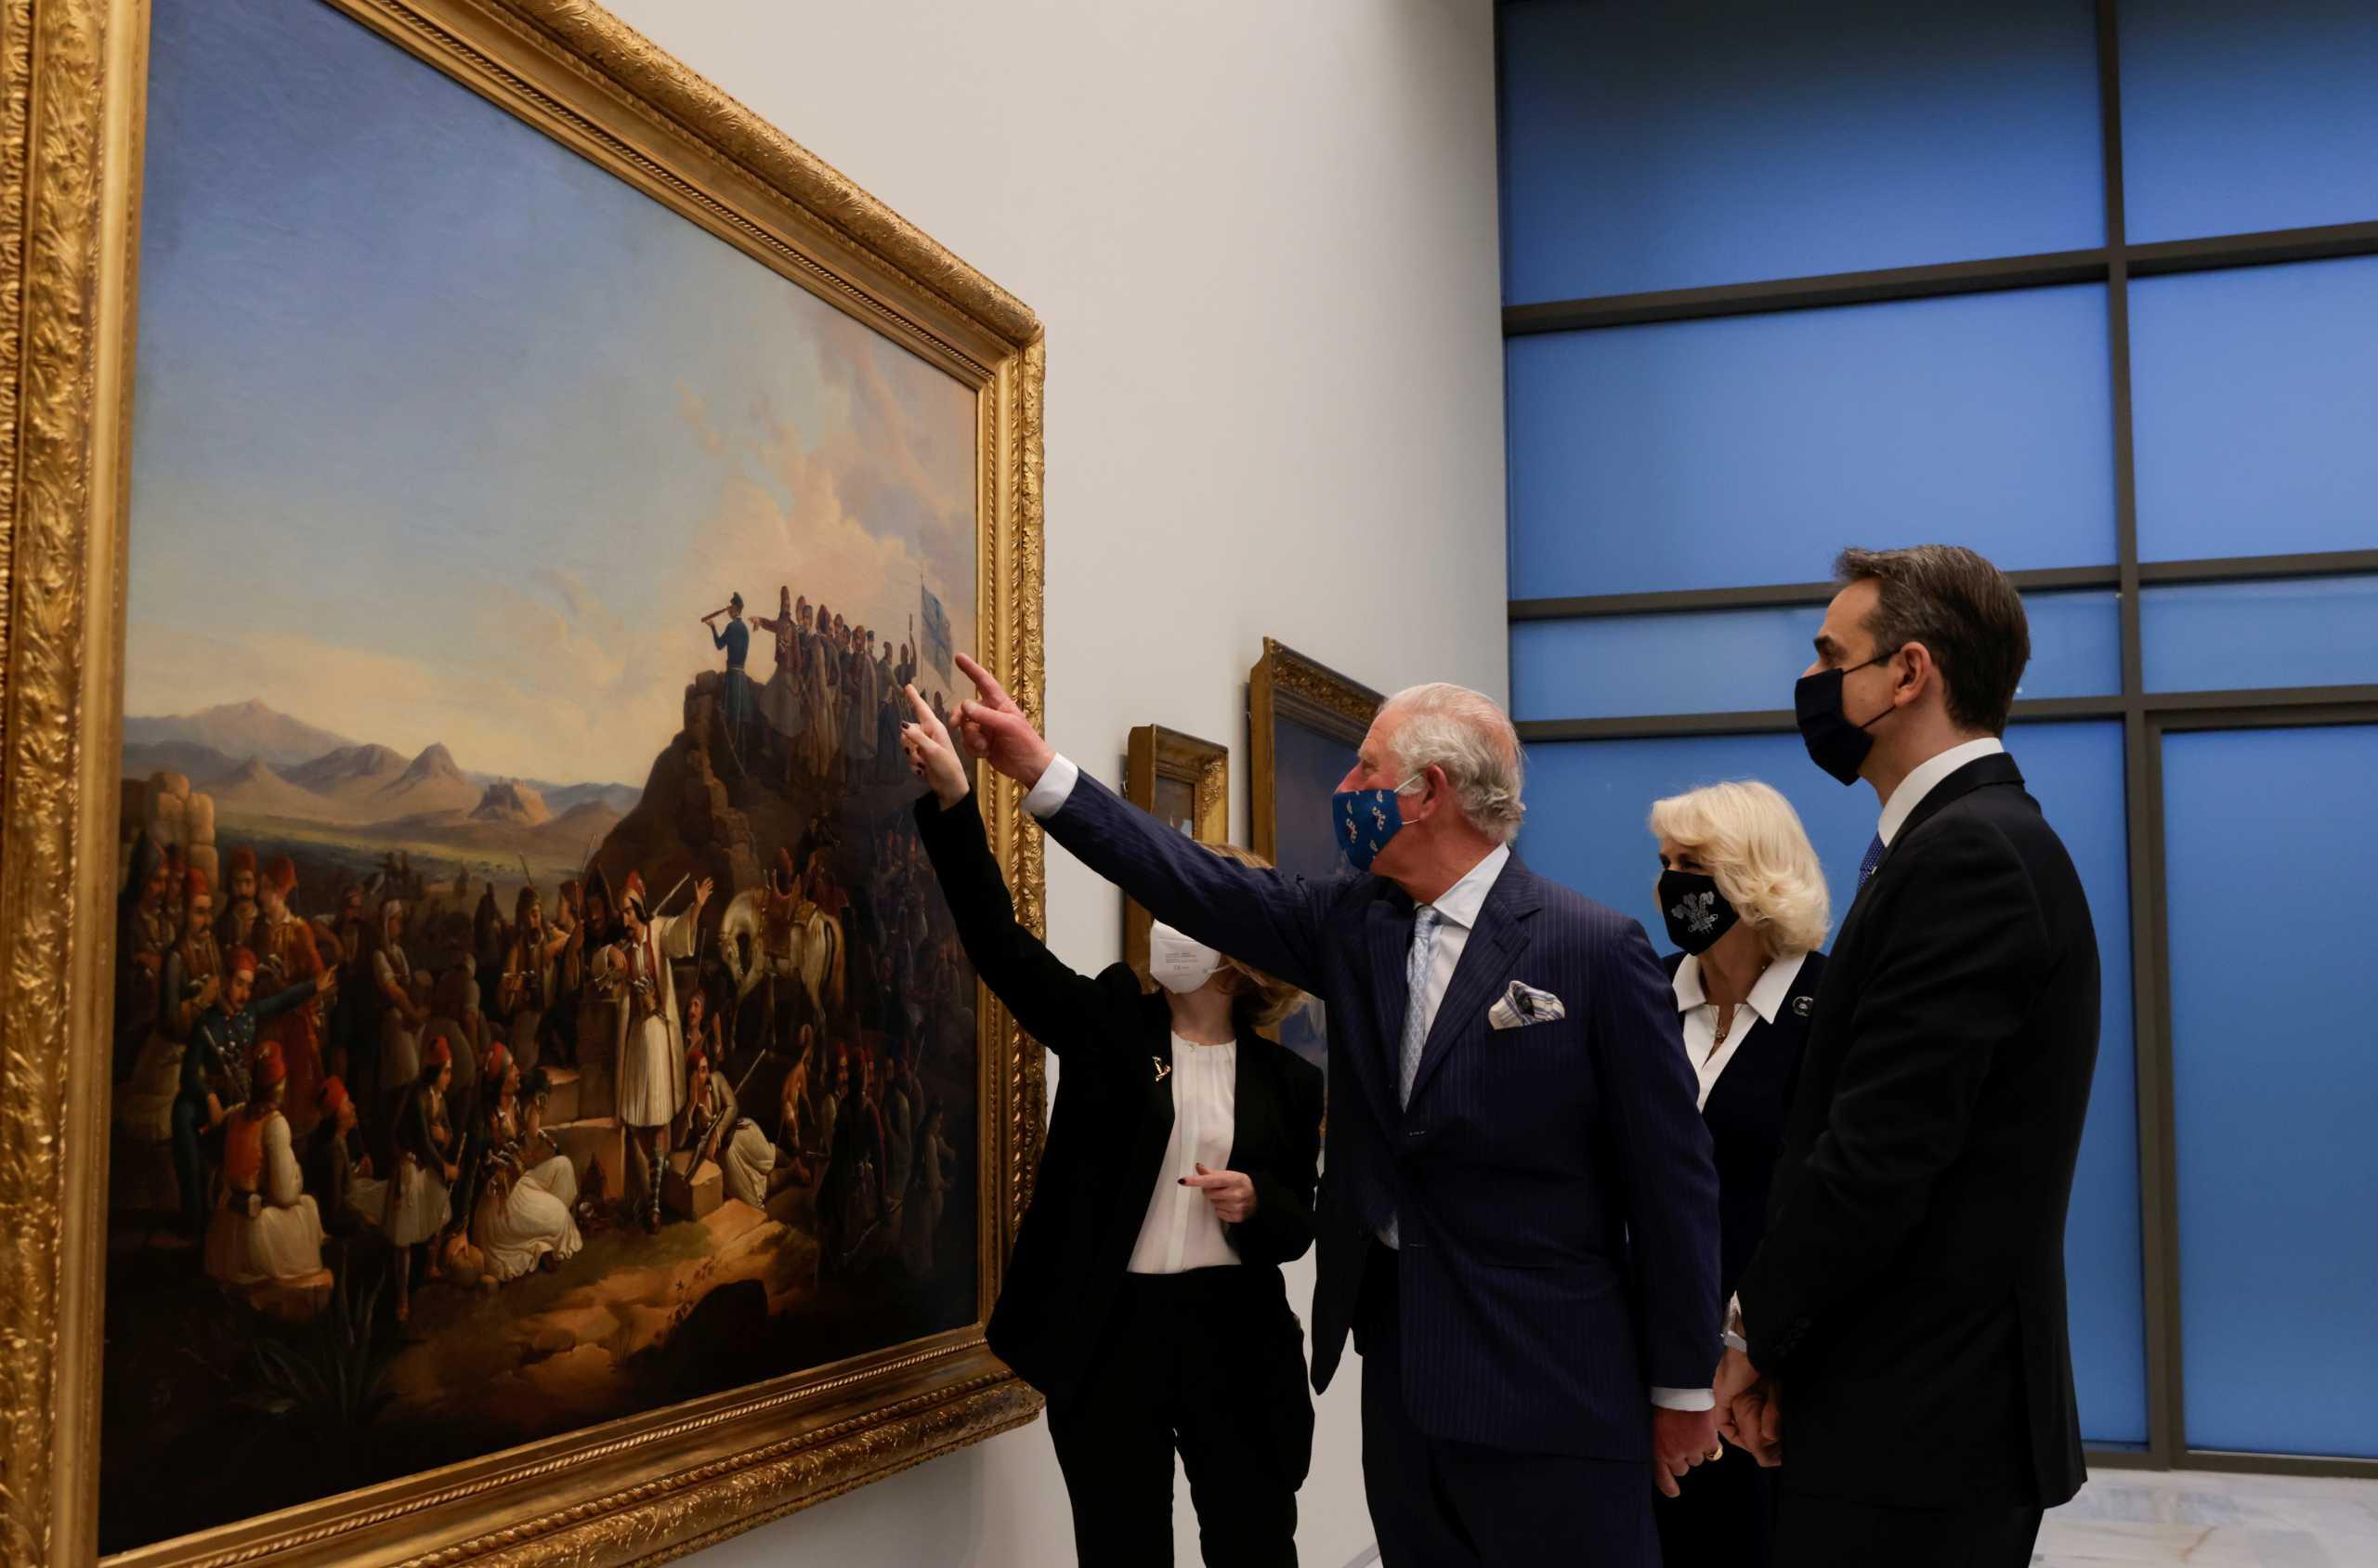 25η Μαρτίου: Η Εθνική Πινακοθήκη άνοιξε τις πόρτες της σε Πρίγκιπες και πρωθυπουργούς